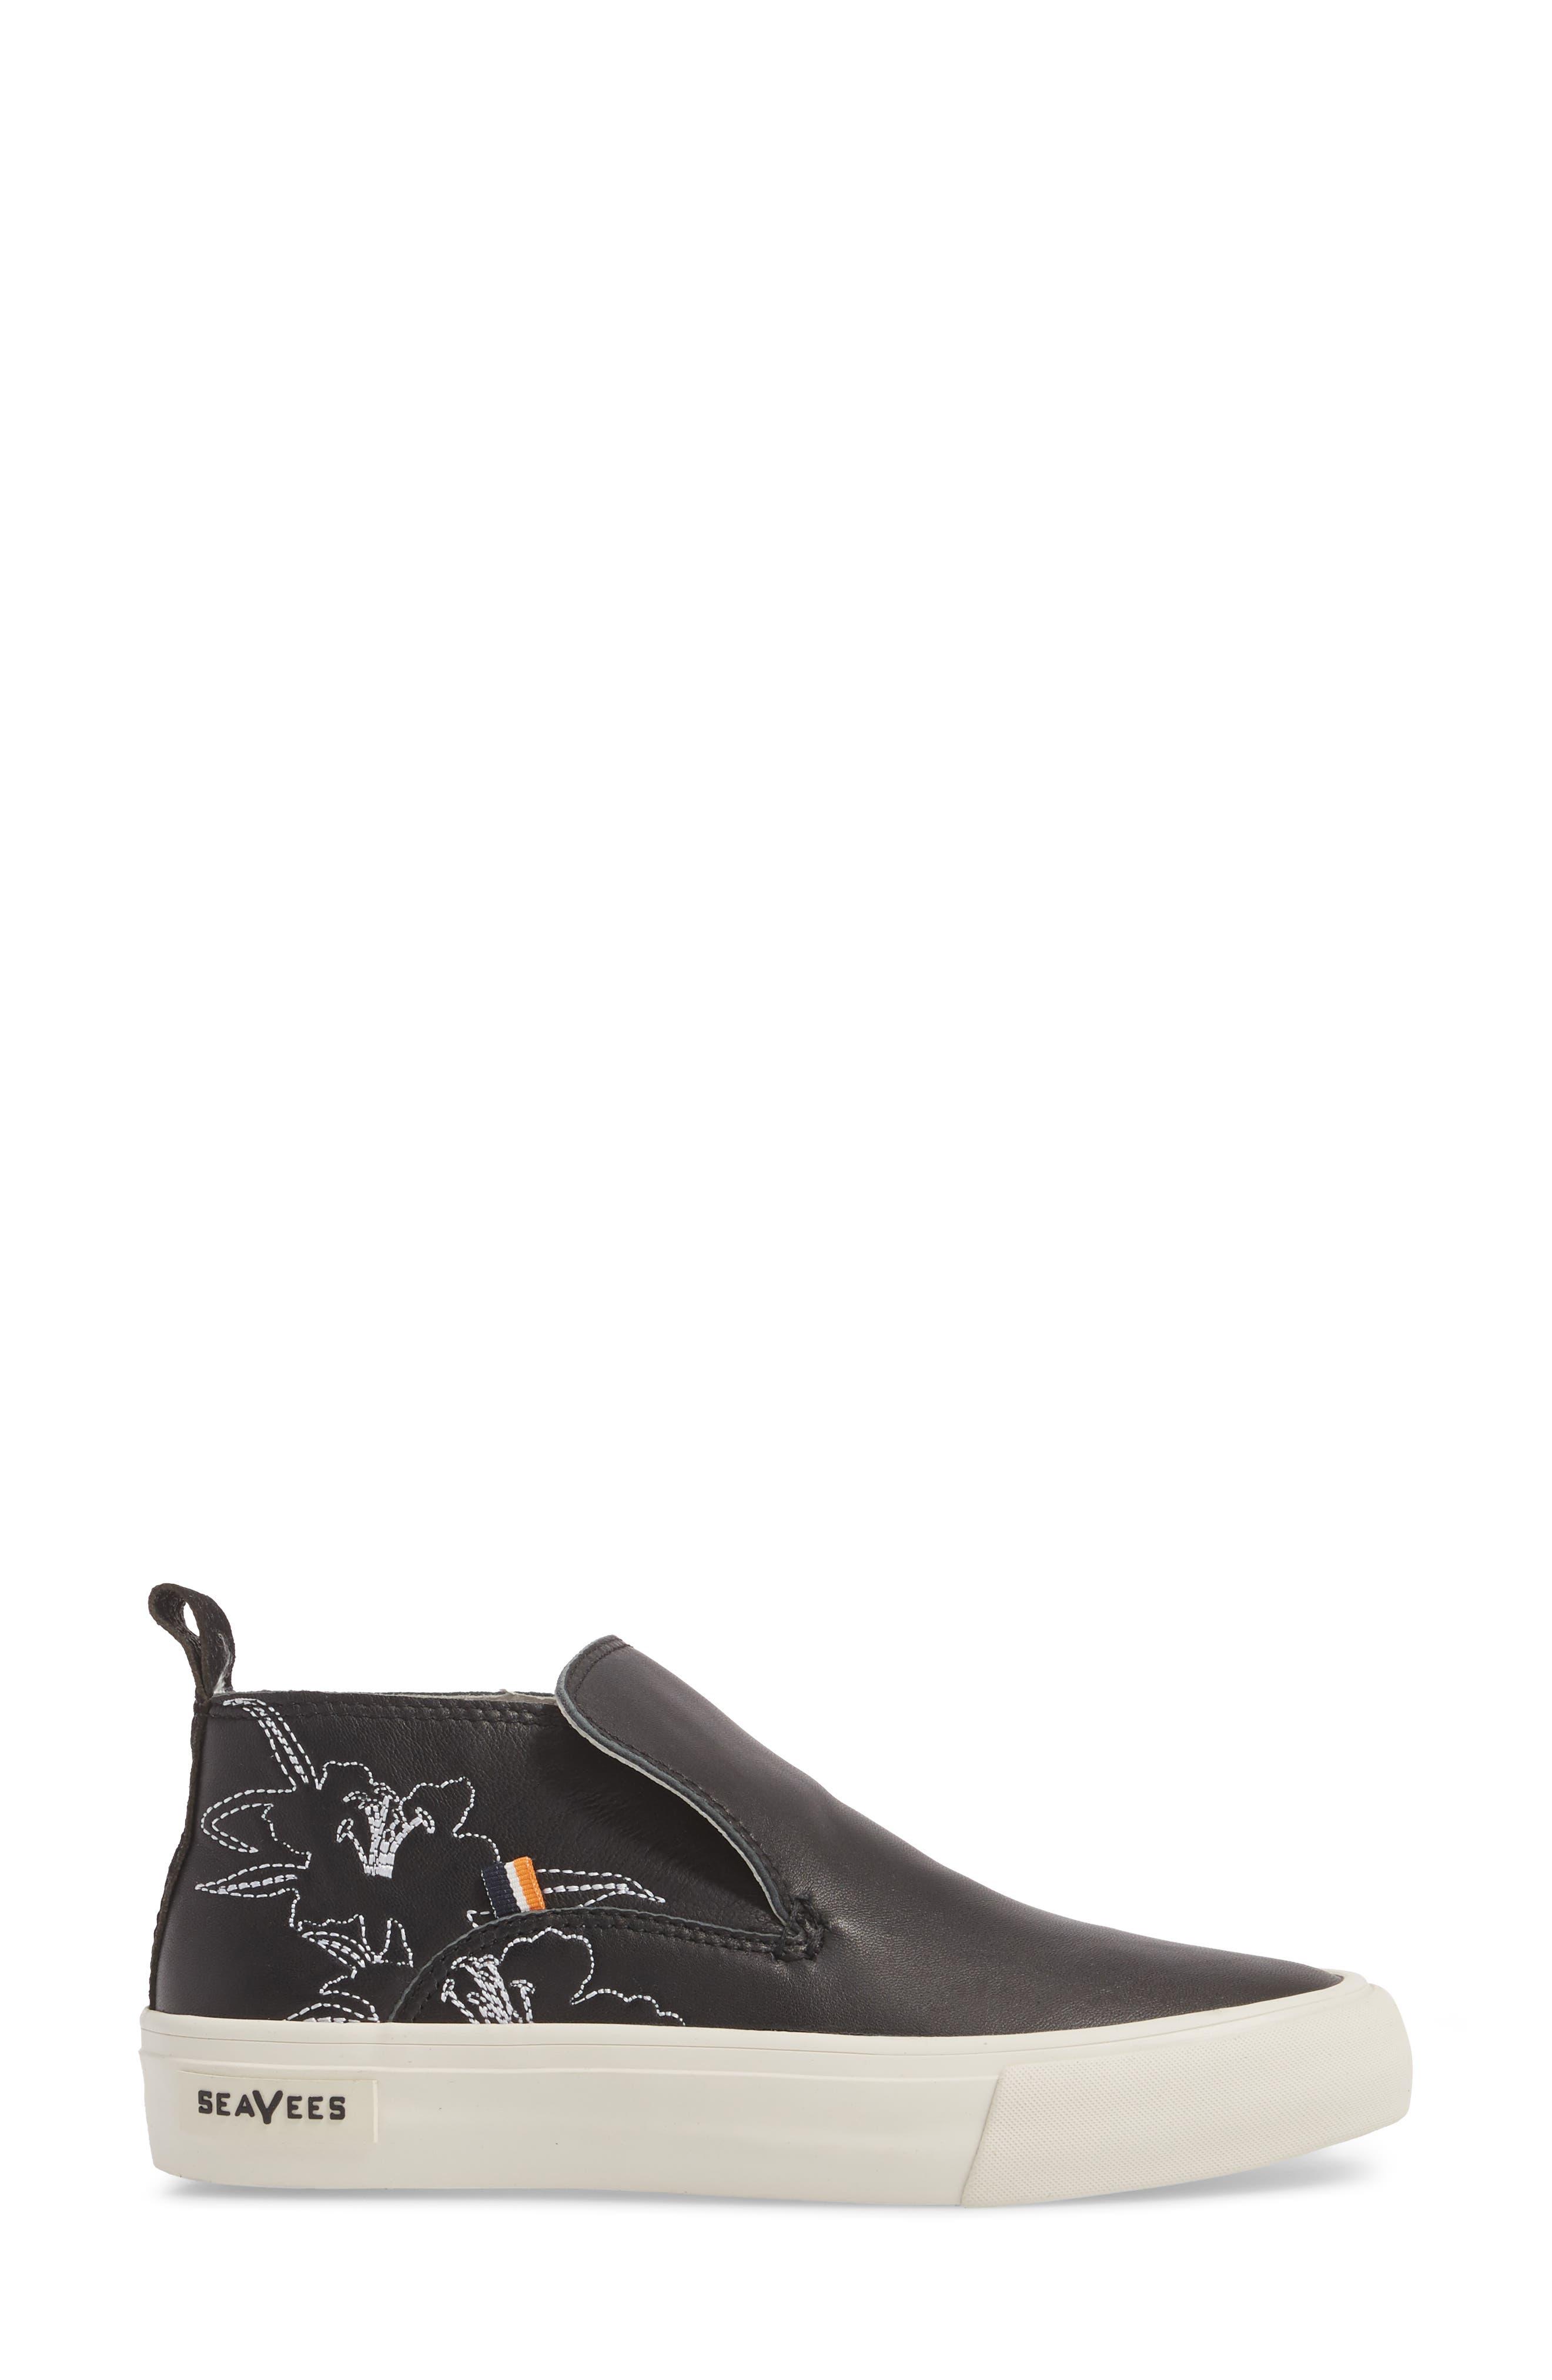 x Derek Lam 10 Crosby Huntington Middie Sneaker,                             Alternate thumbnail 3, color,                             Black Leather